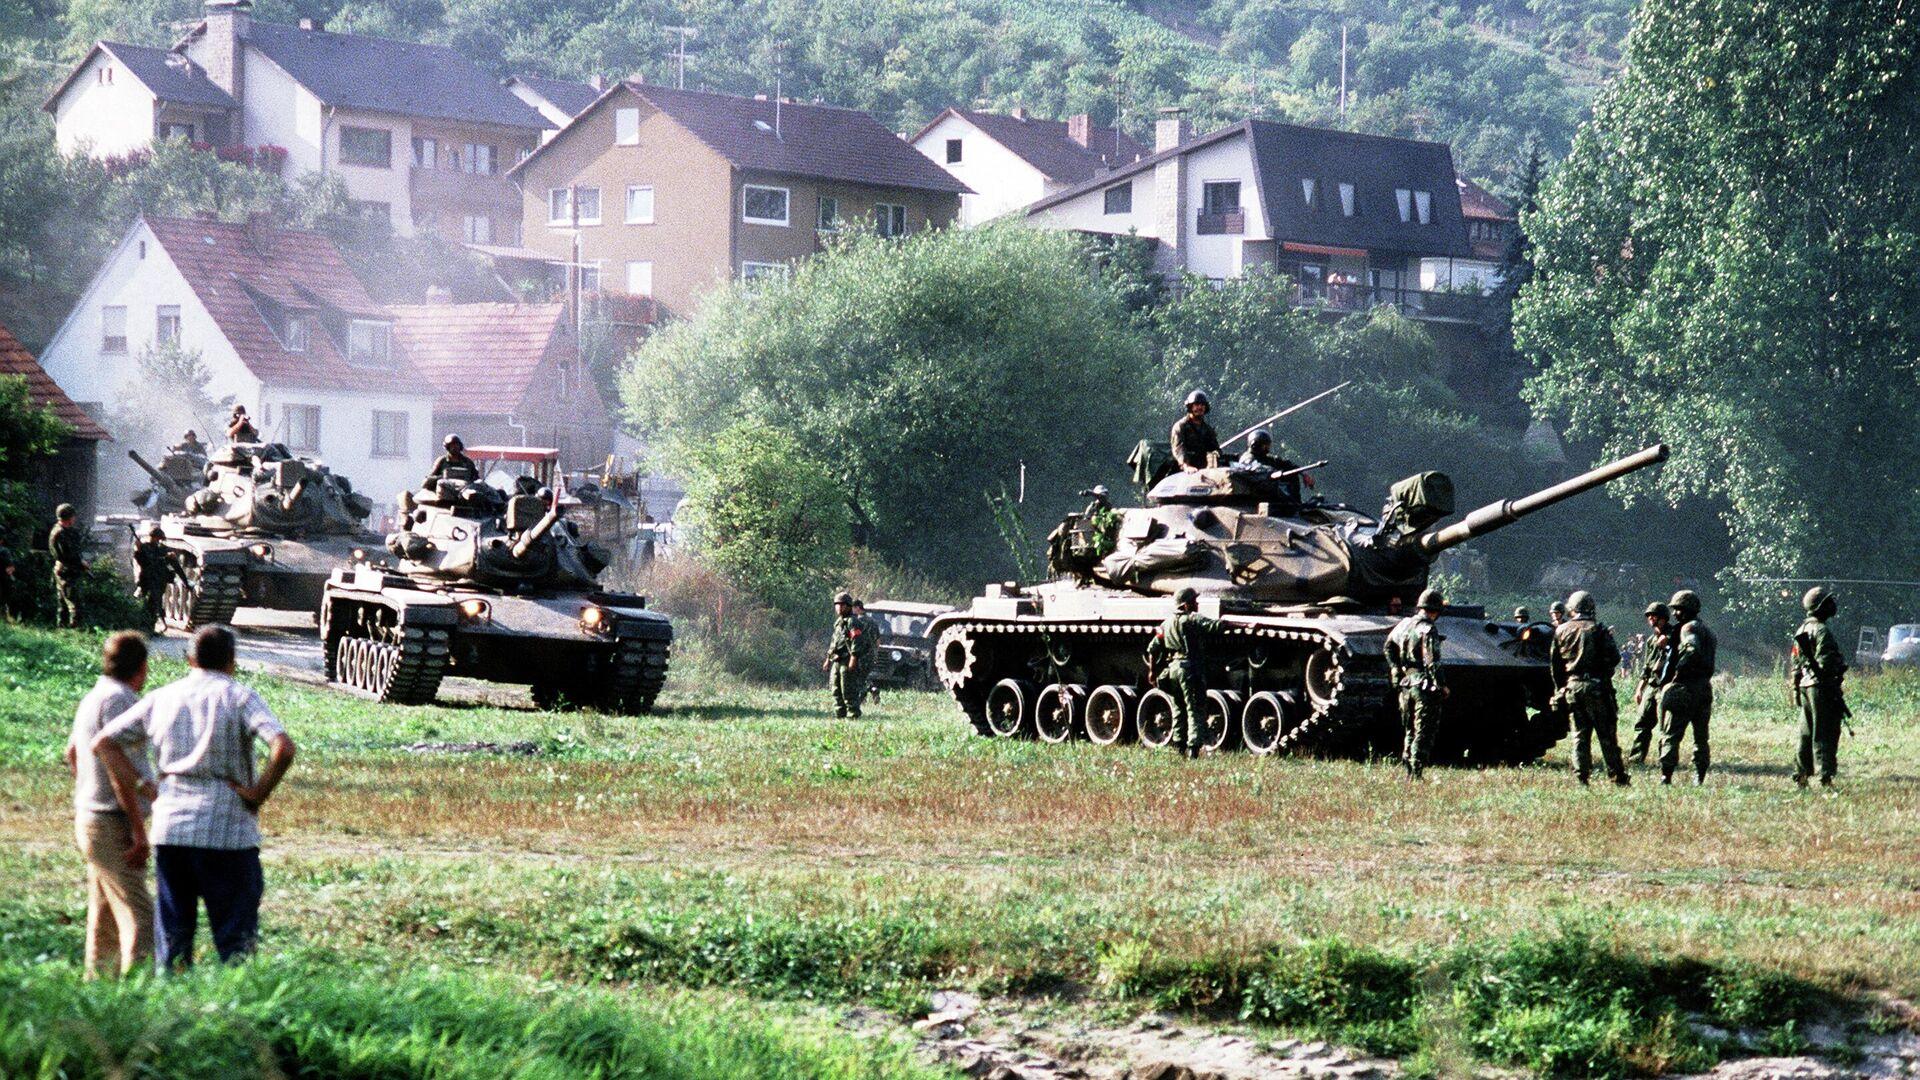 Американские танки во время учений REFORGER '82 в Западной Германии - РИА Новости, 1920, 14.05.2020